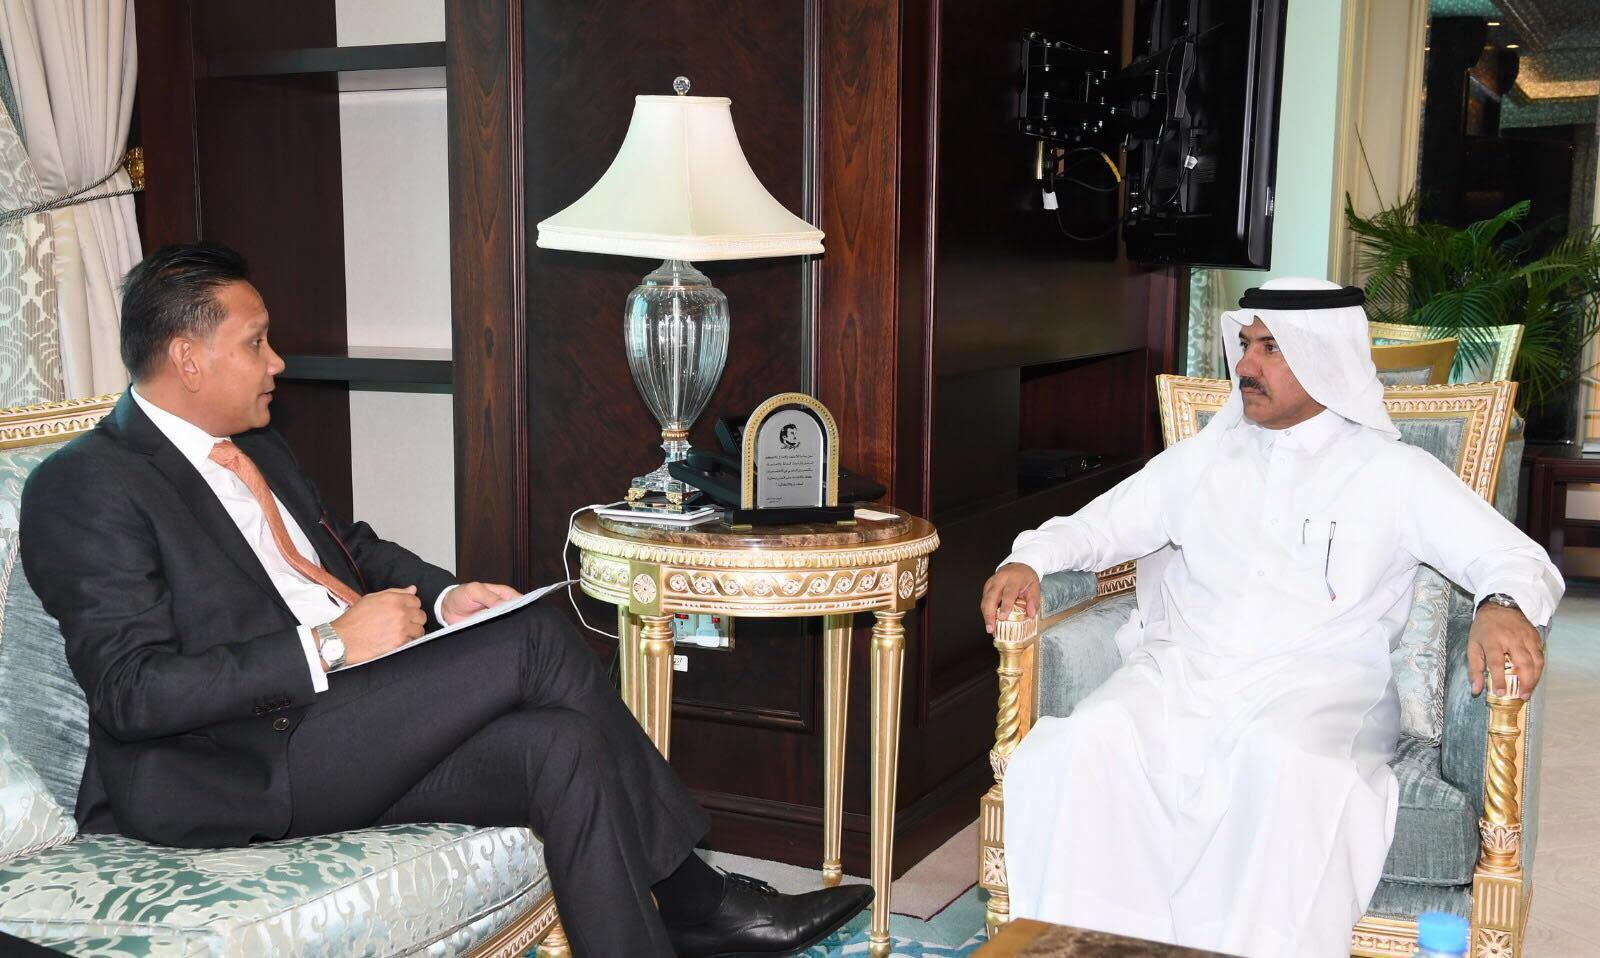 وزير الخارجية يتلقى دعوة للمشاركة في الاجتماع العاشر لحوار التعاون الآسيوي